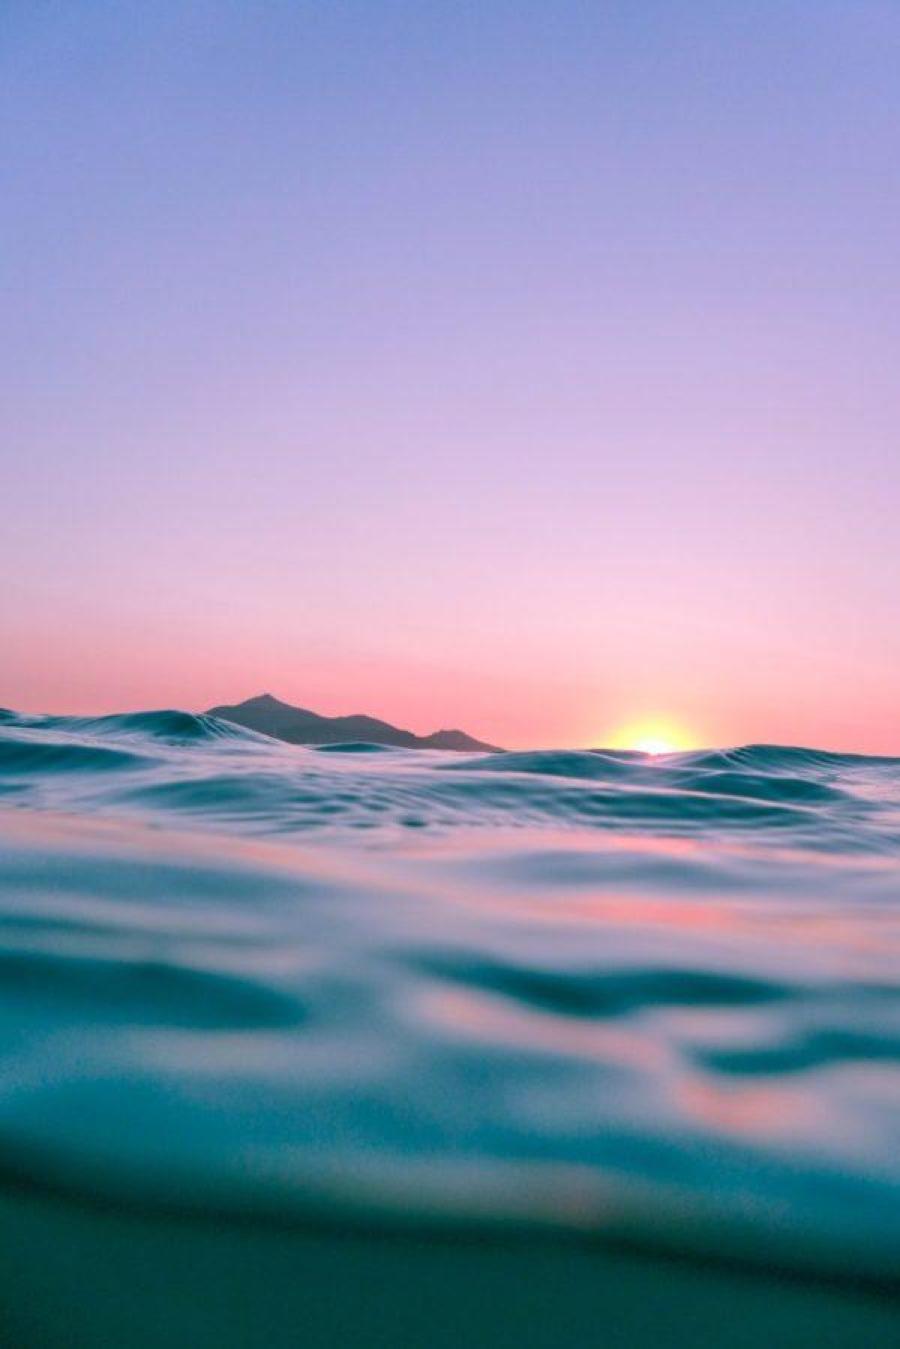 目を保護してサーフィンを楽しもう